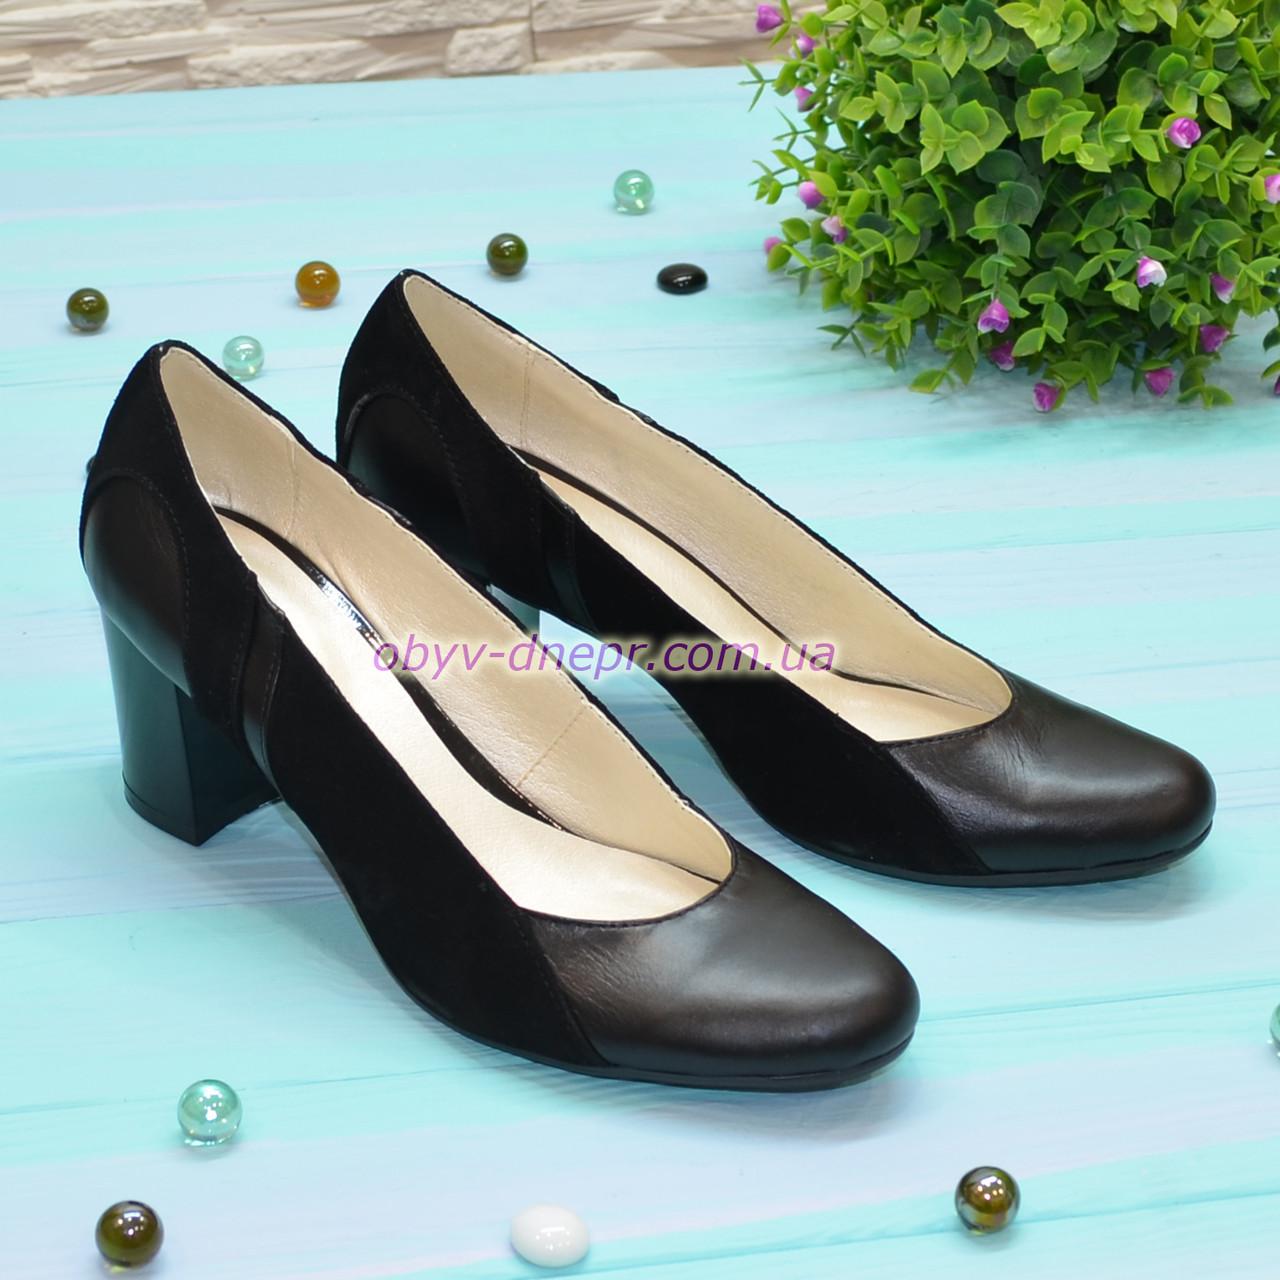 Женские классические туфли на каблуке из натуральной кожи и замши